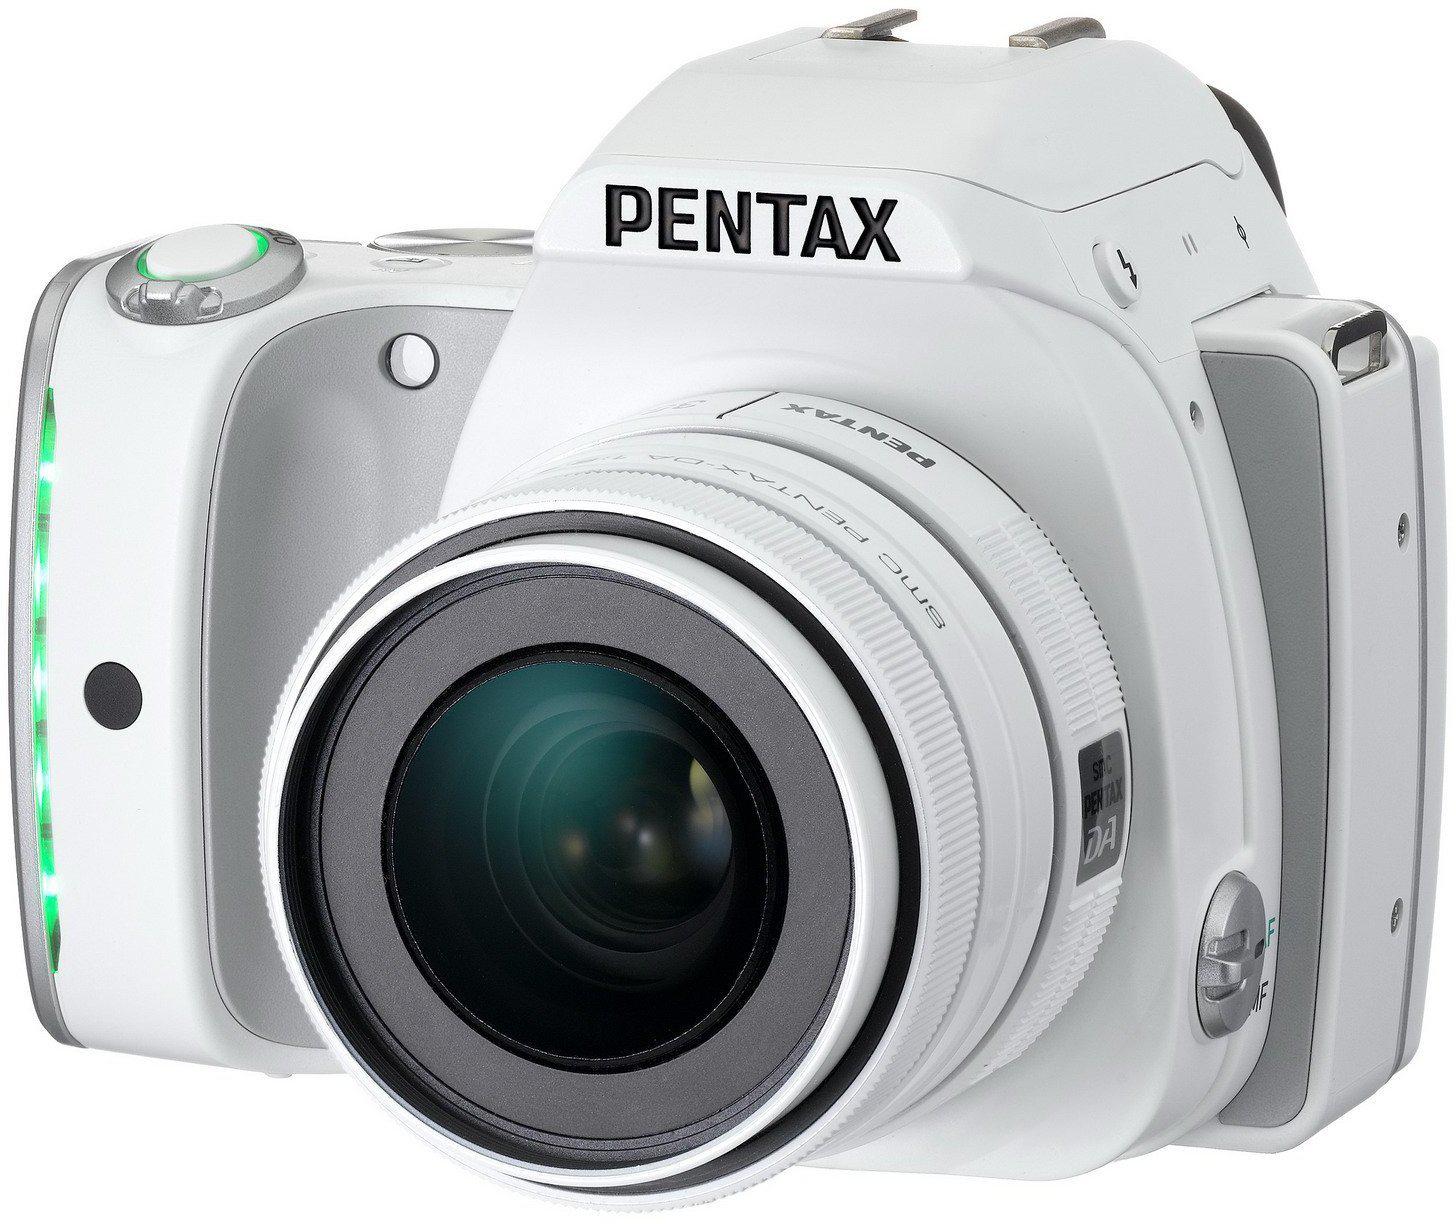 Appareil photo numérique Reflex Pentax K-S1 20 Mpix + Objectif SMC DA + Carte Wi-Fi (Avec ODR de 50€)